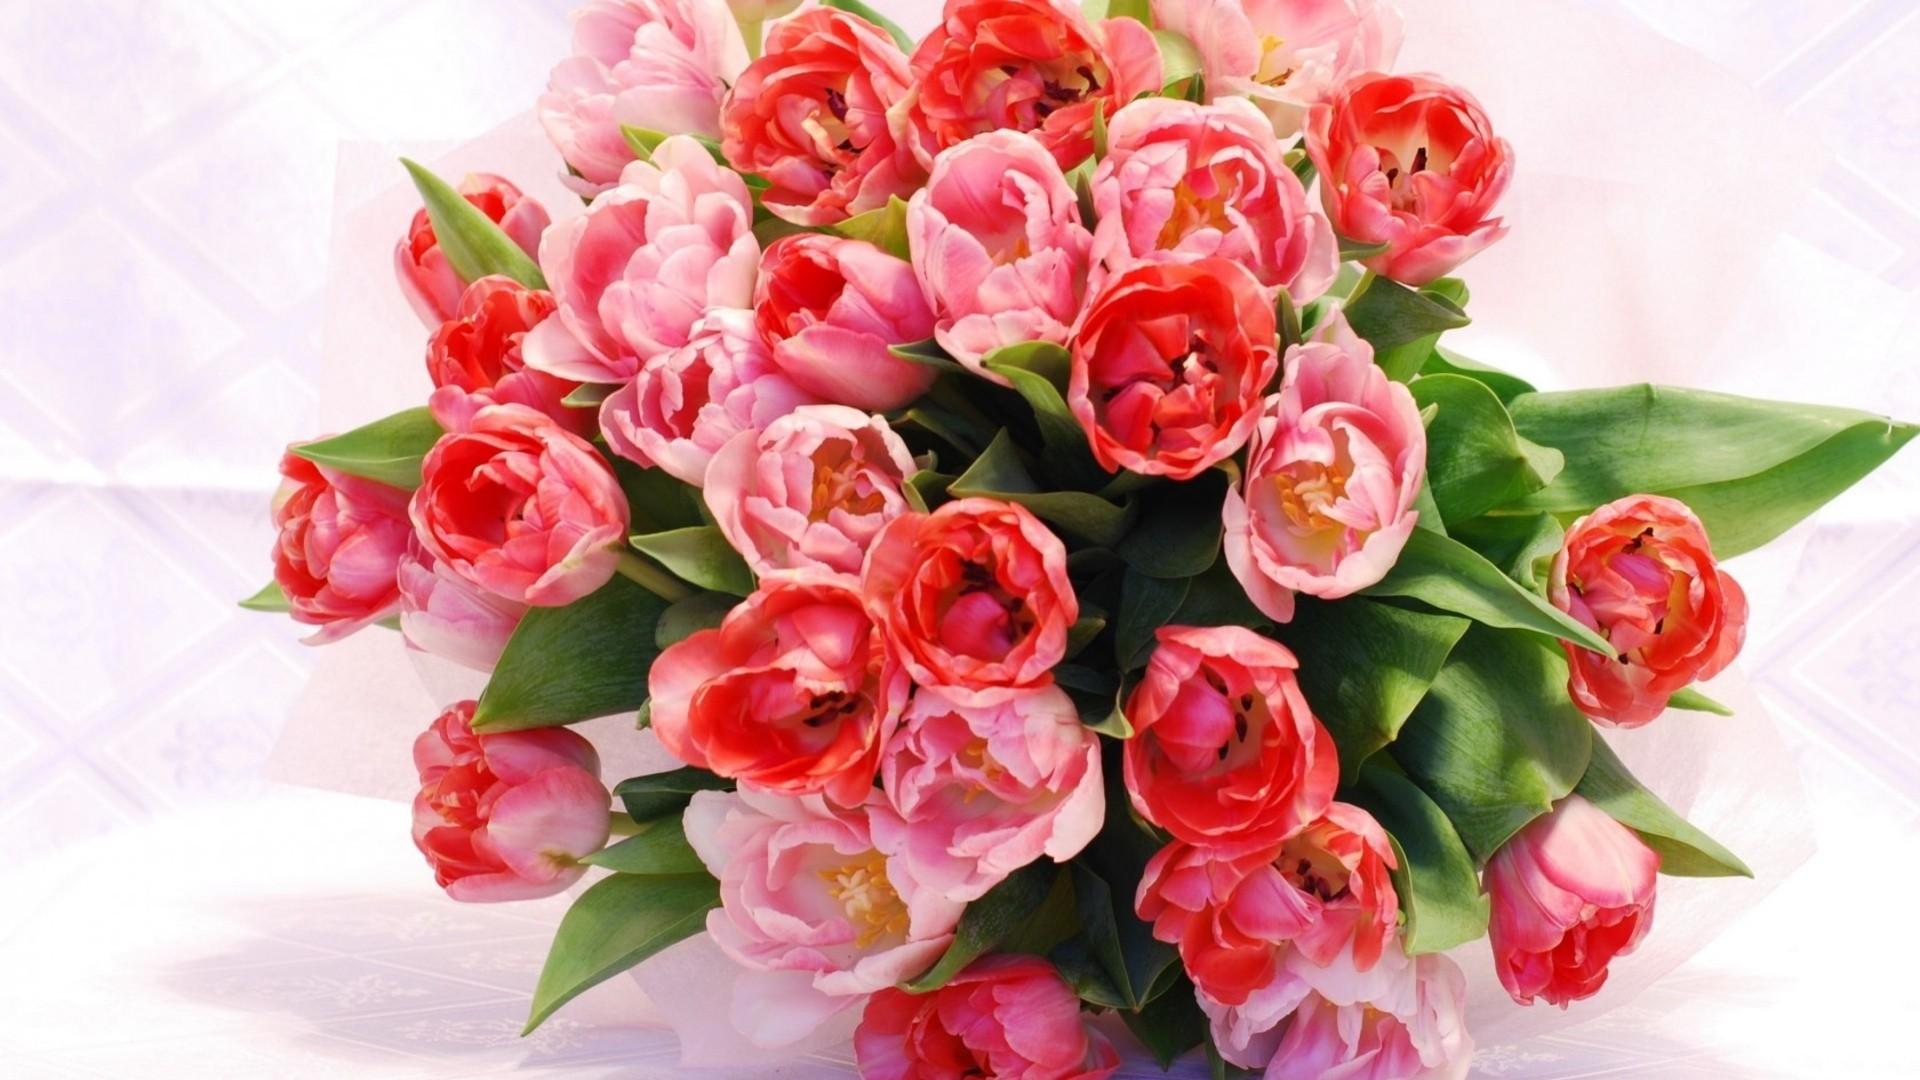 Adorno con flores - 1920x1080